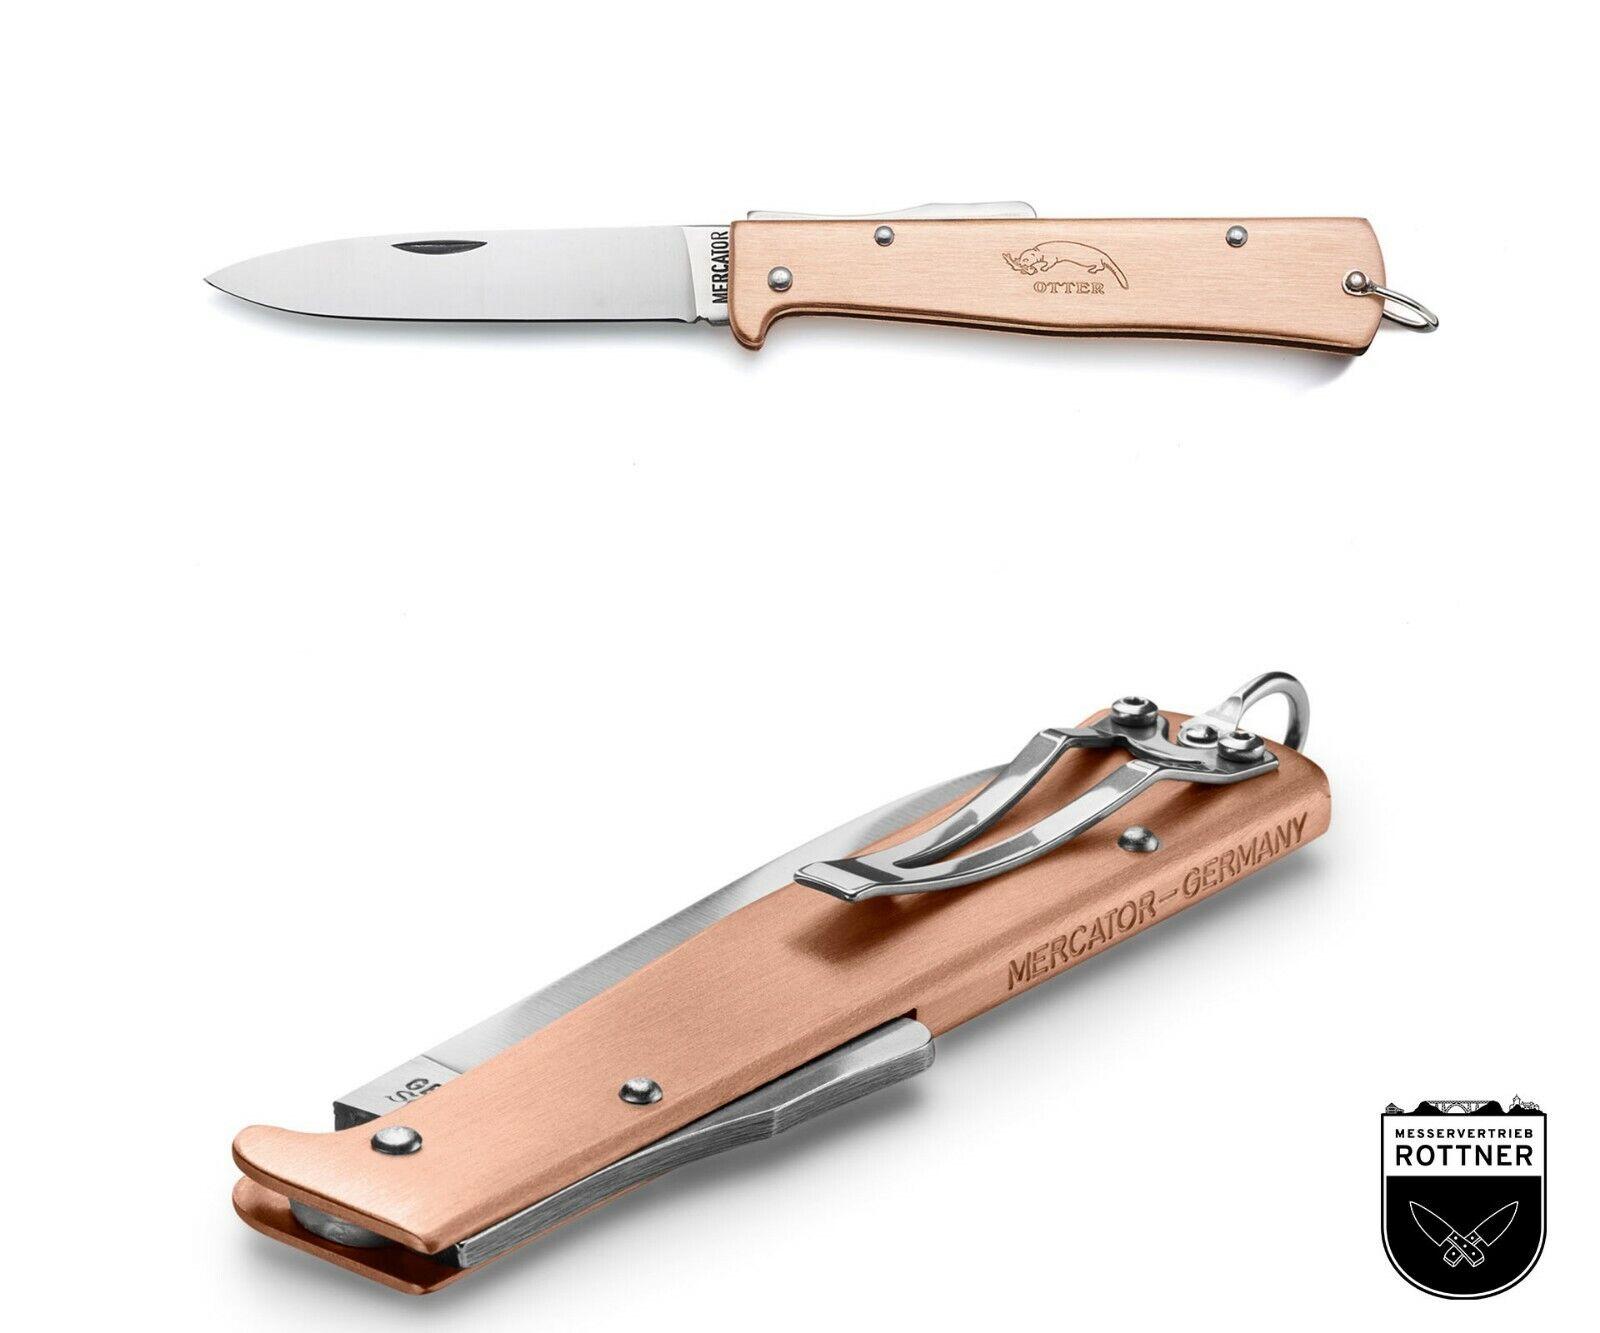 Otter Mercator Kupfer mit Clip Taschenmesser Outdoormesser Klappmesser Messer